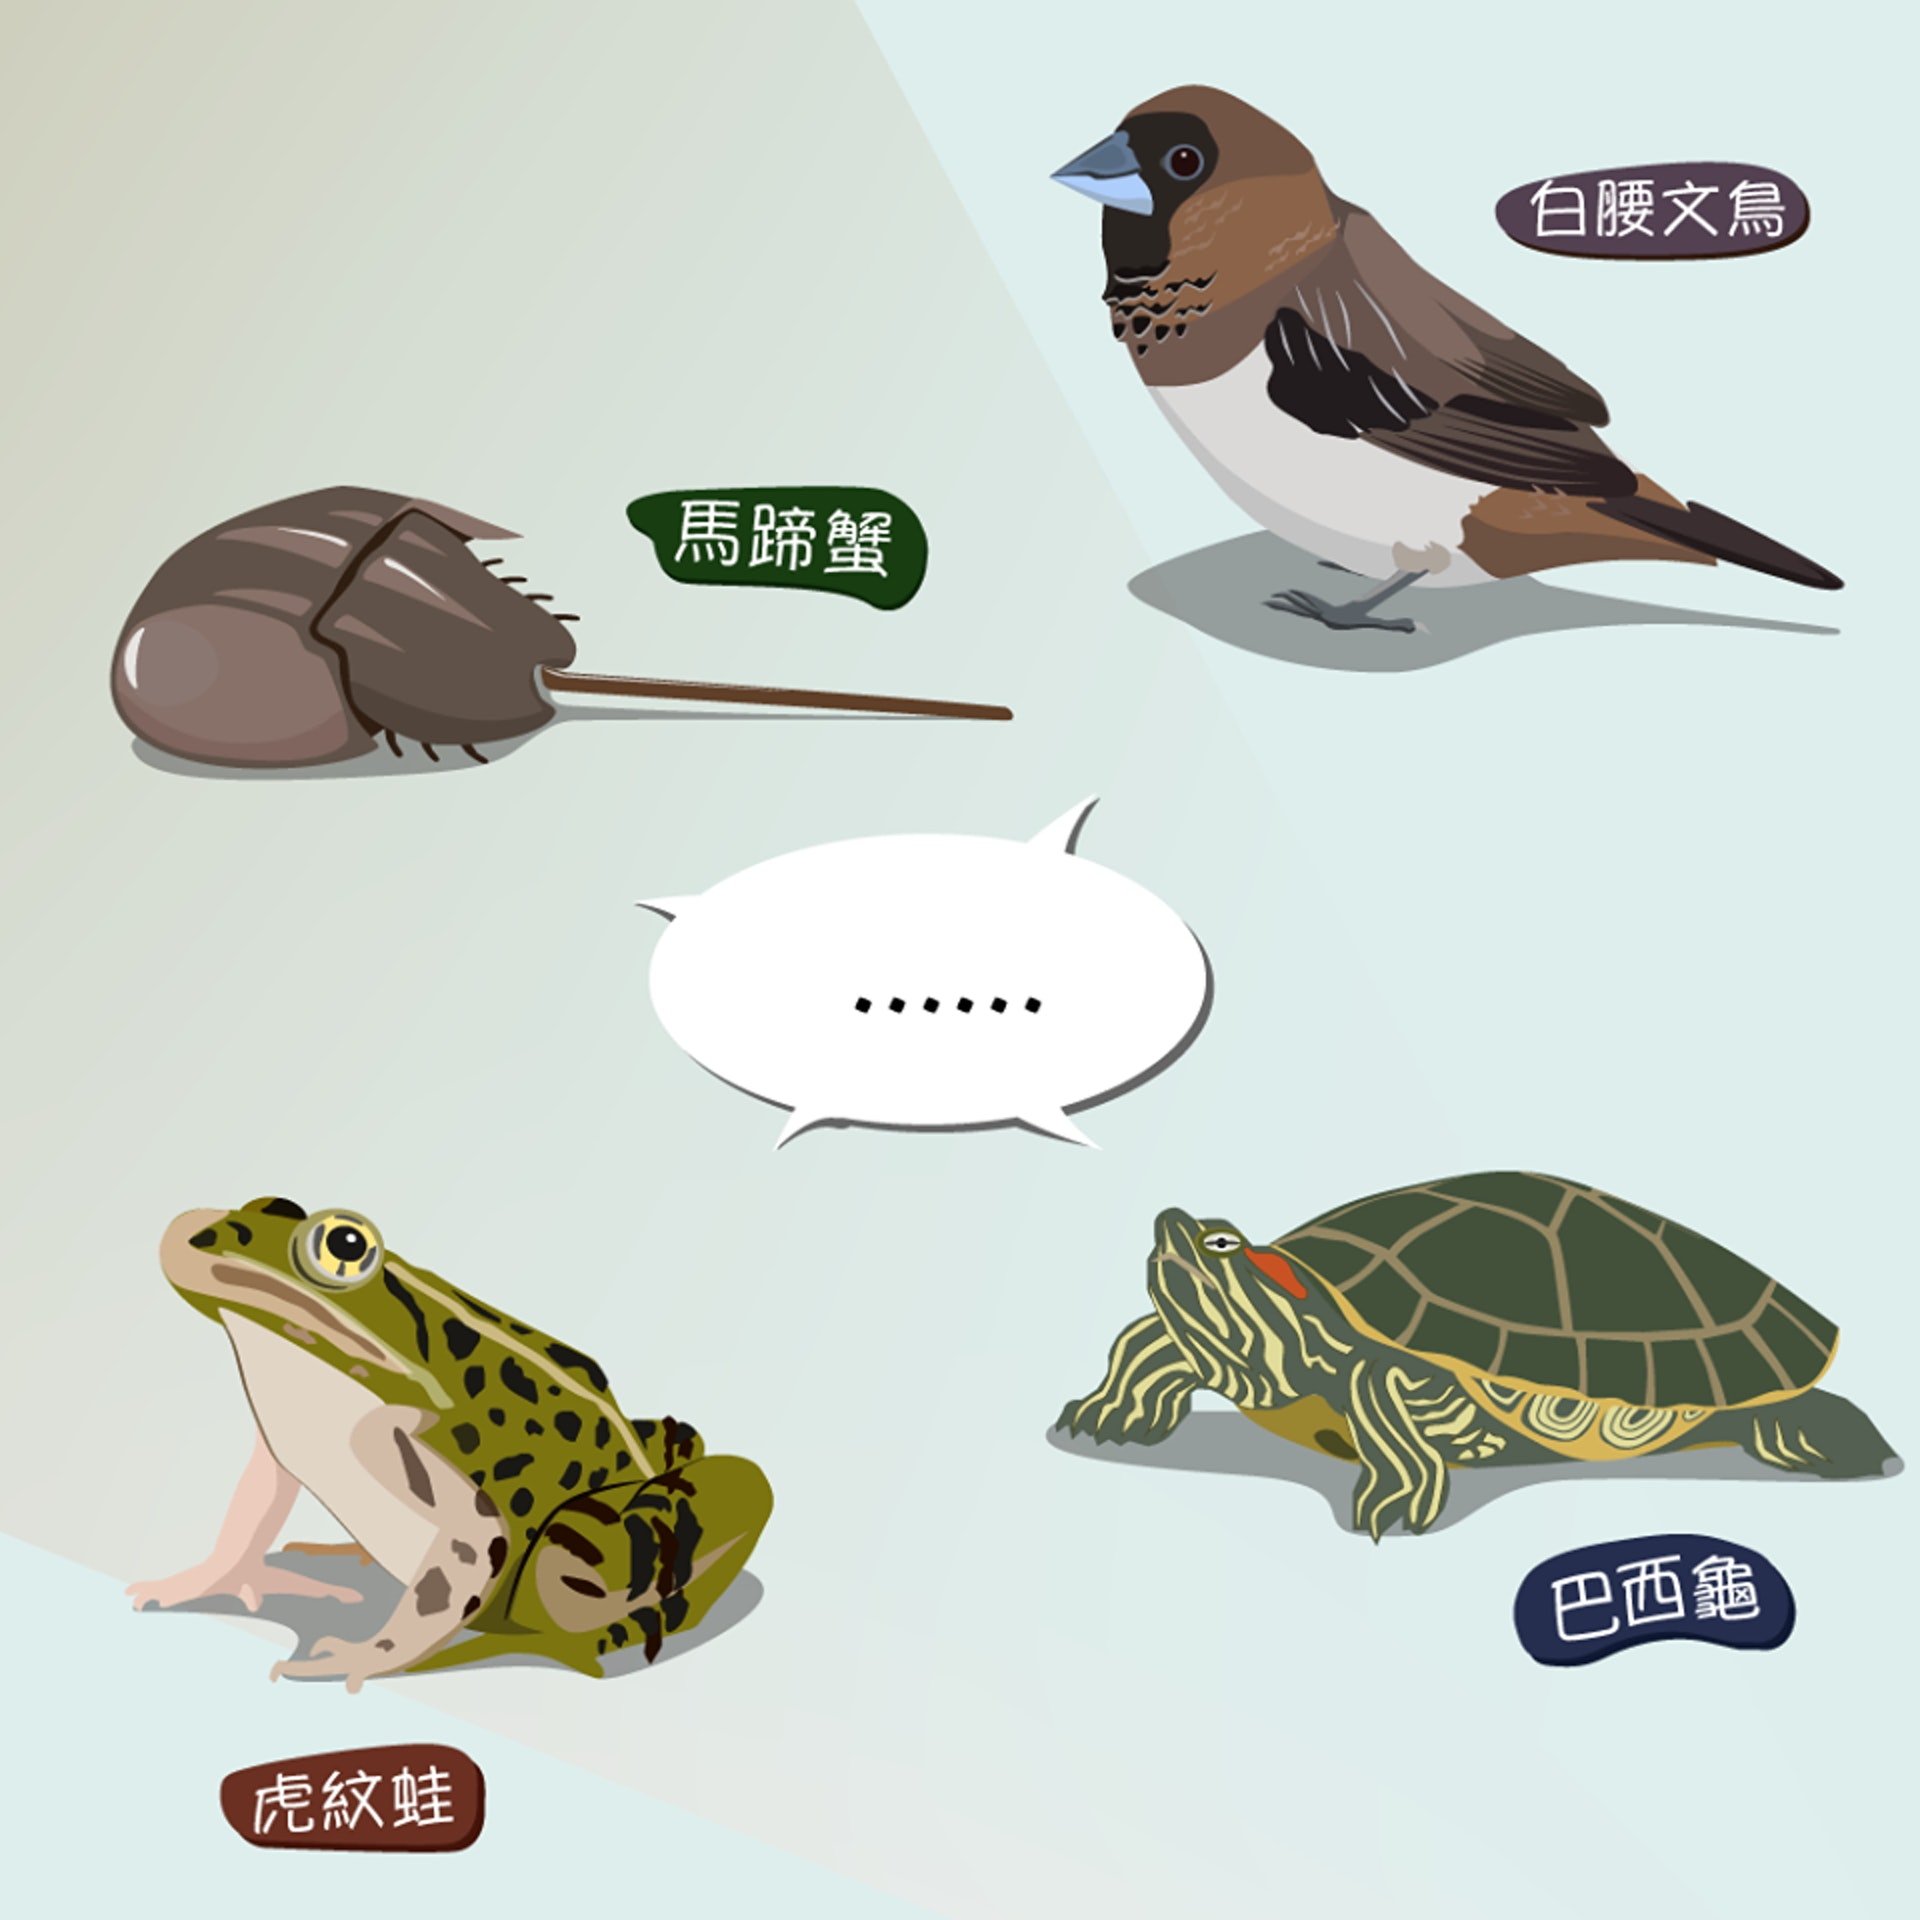 關注香港自然生態的網站「綠洲 Oasistrek」,在facebook專頁發佈10張自創插畫,解釋放生的壞影響。(漁農自然護理署圖片)